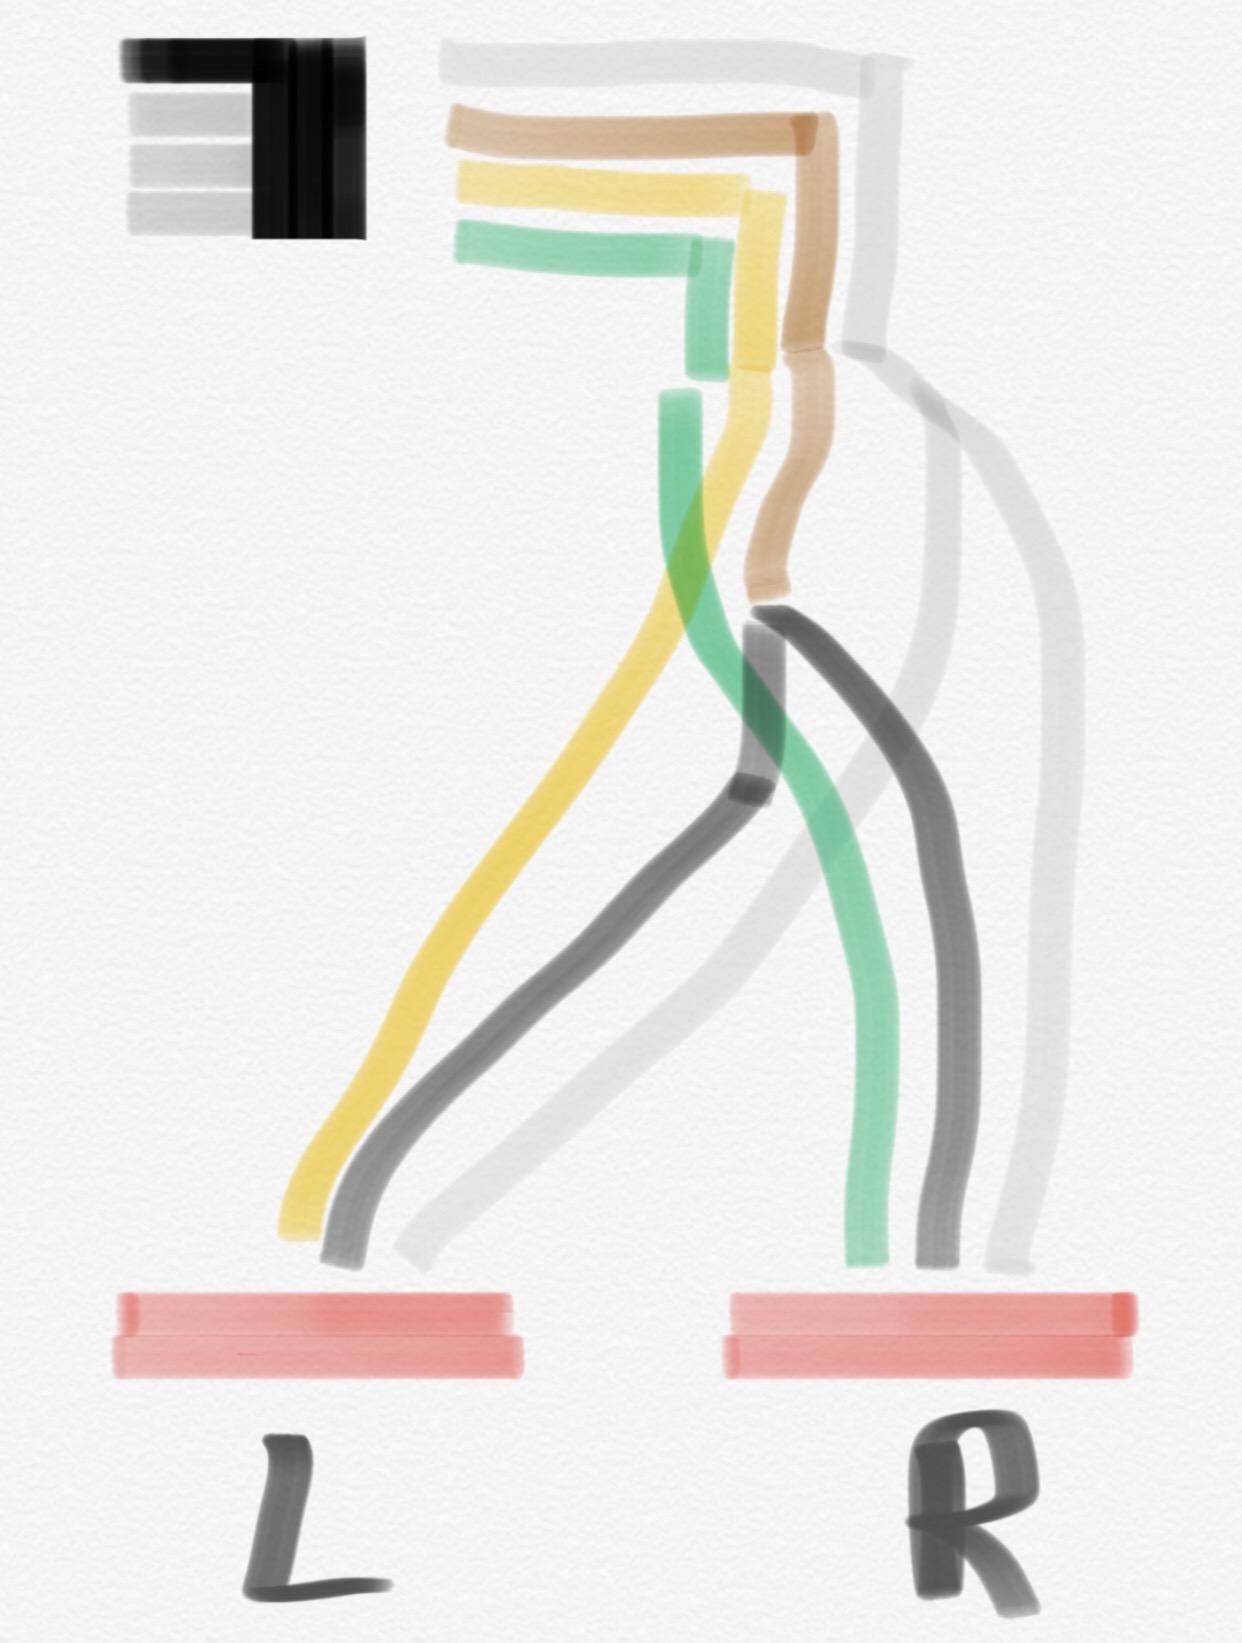 trailer wiring diagram categories: bikingrackdiy